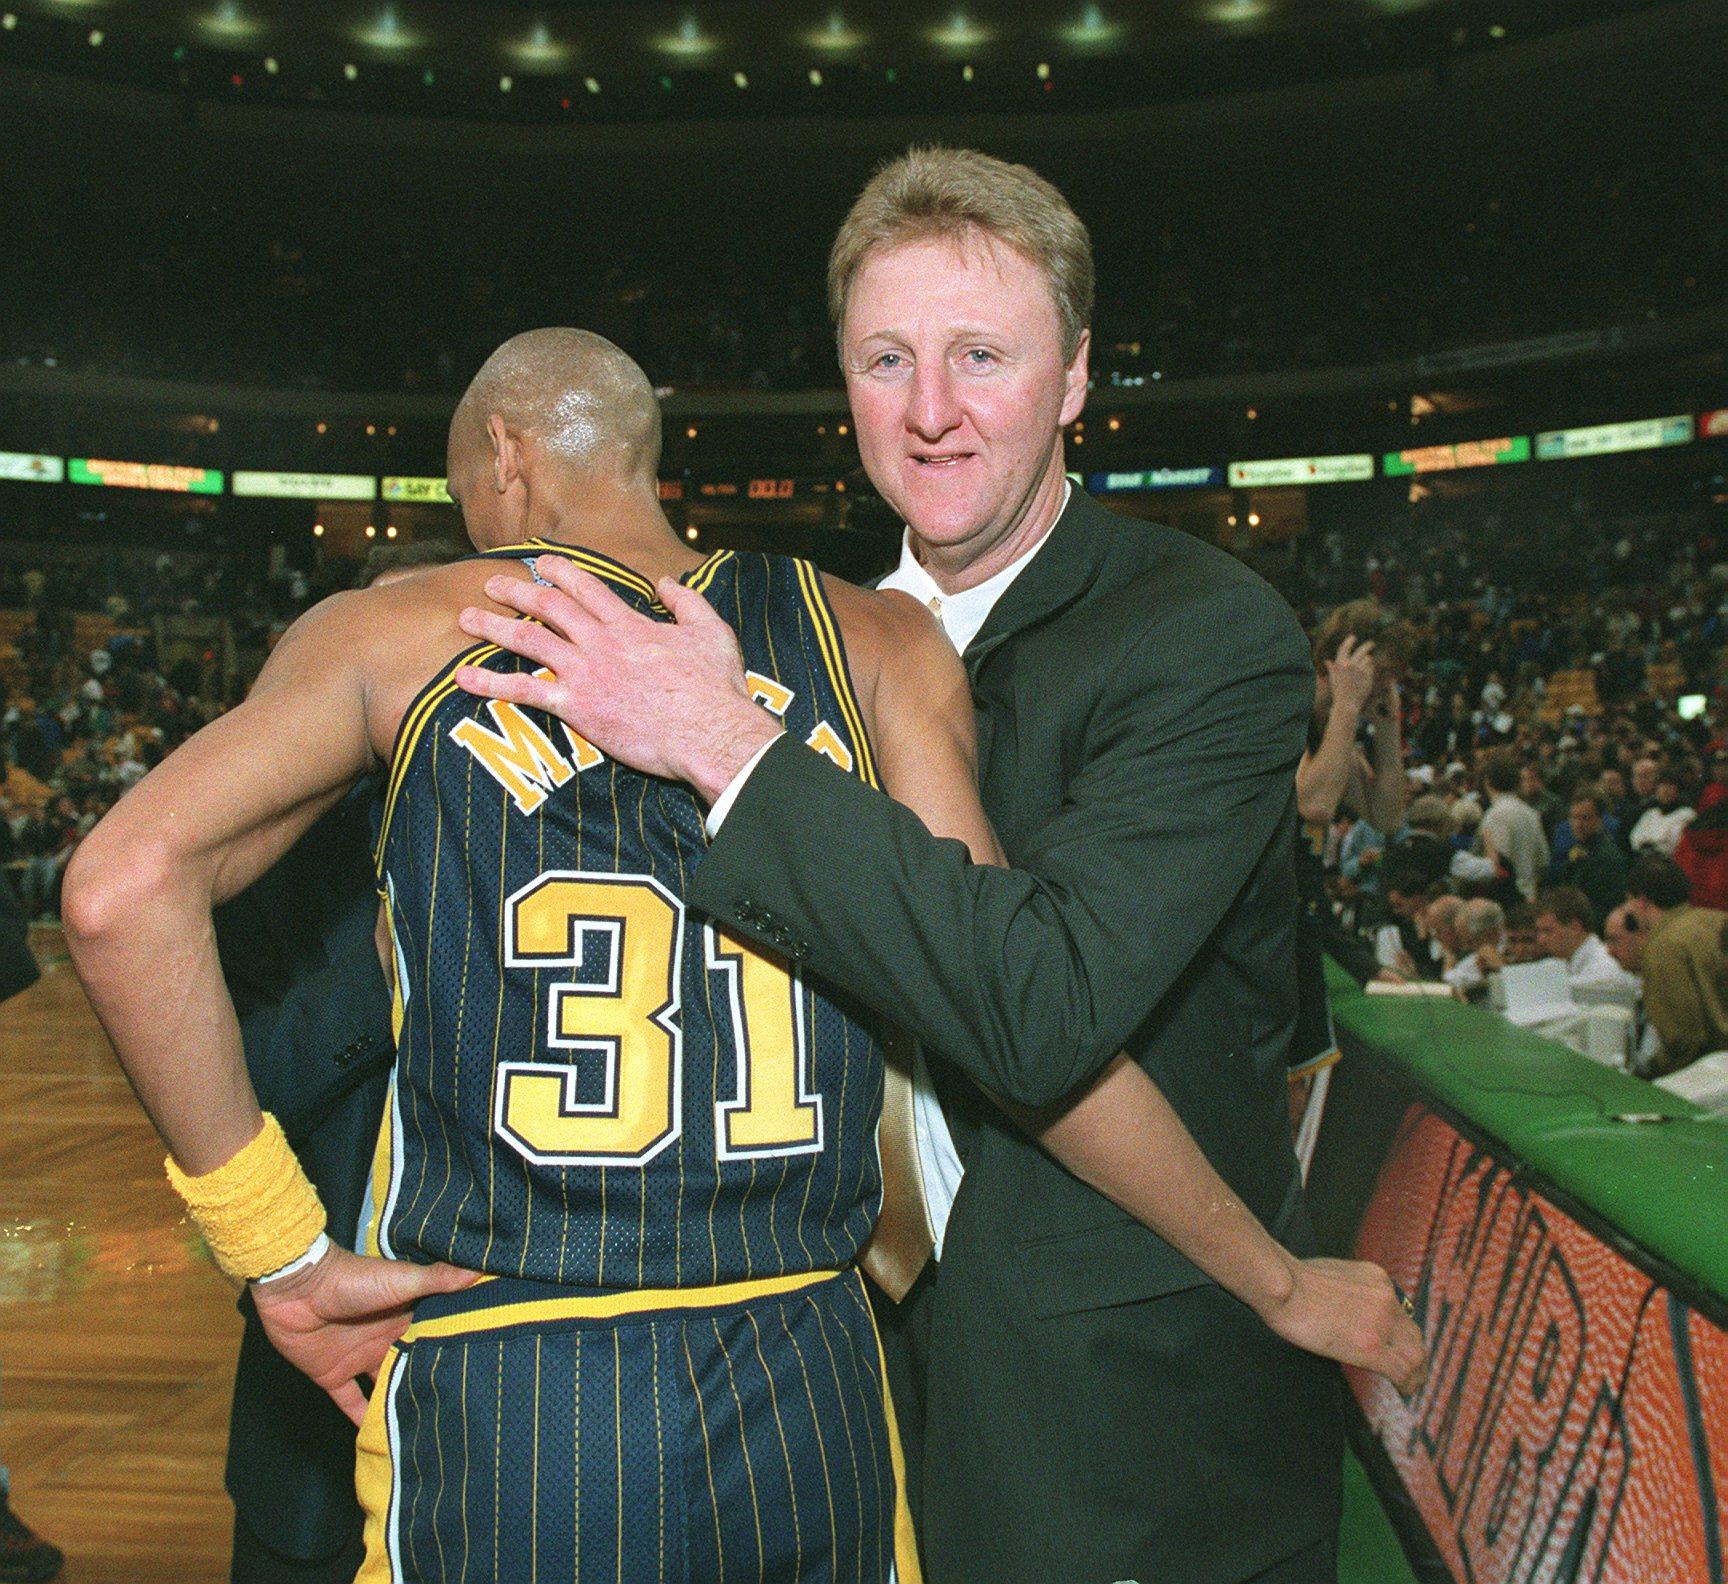 Larry Bird's greets Reggie Miller